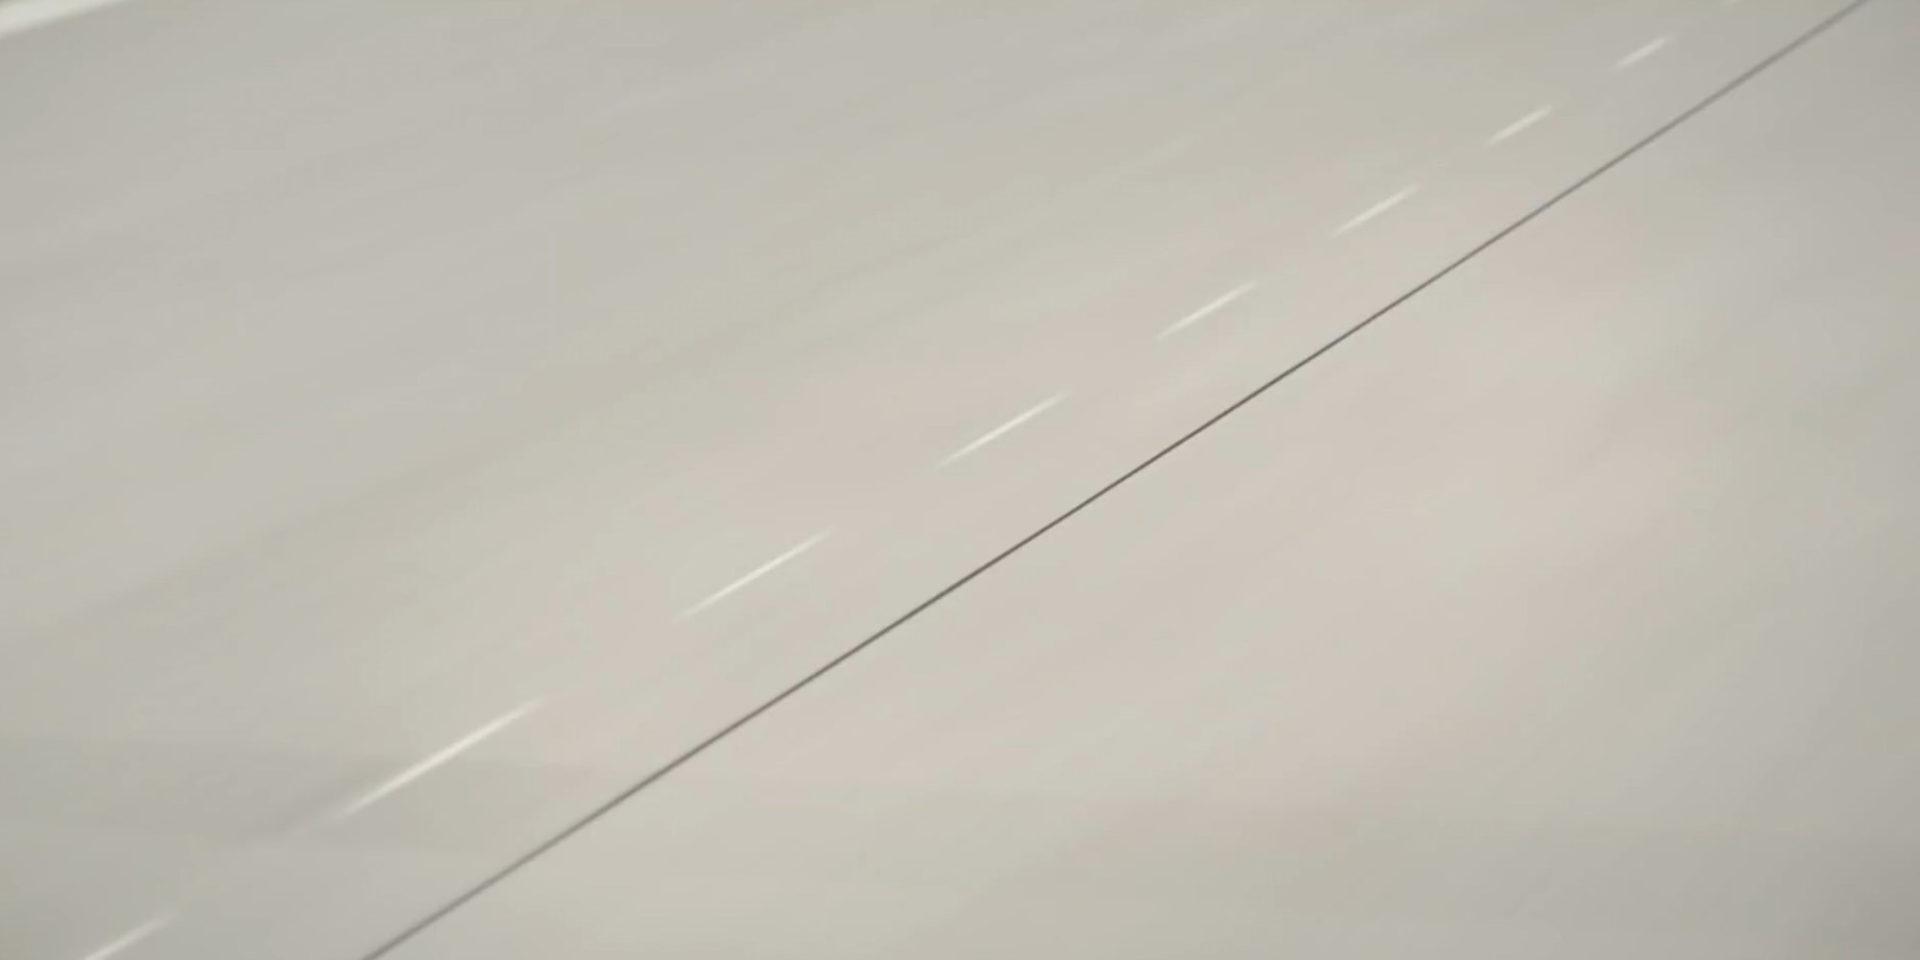 Ruch betonowej ulicy z widoku jadadzego samochodu skodan